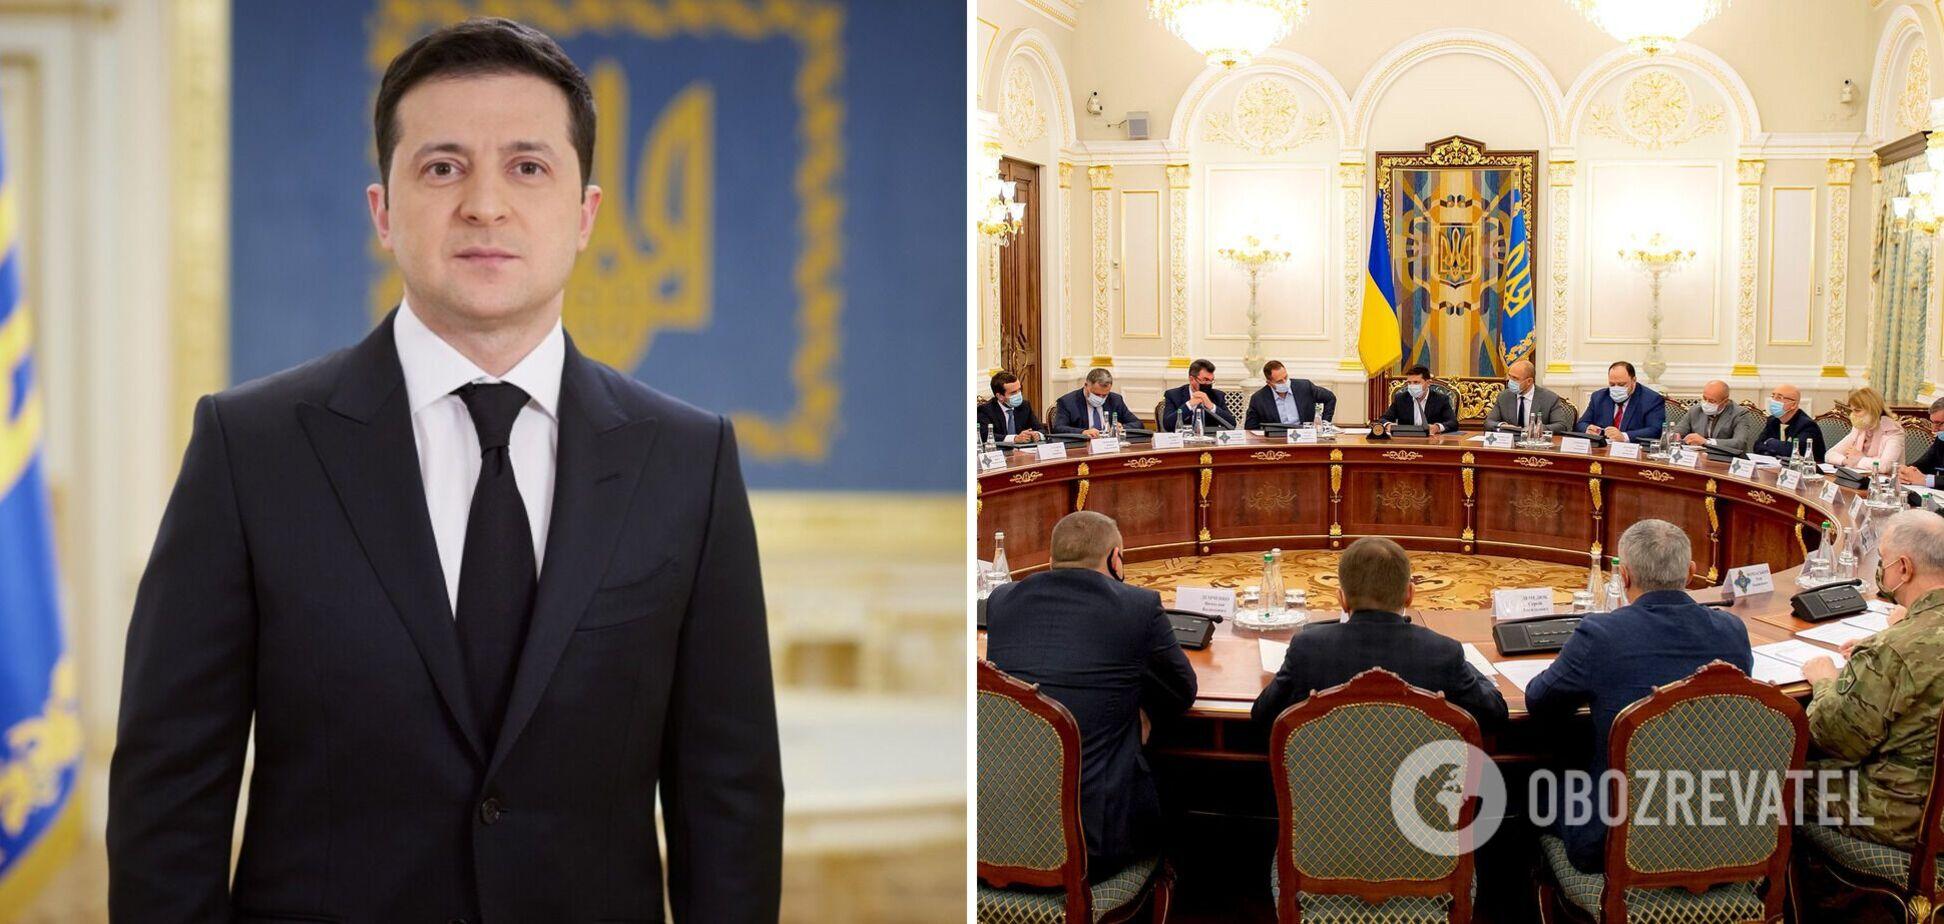 Зеленський розкрив деталі засідання РНБО: армія, олігархи та нові санкції